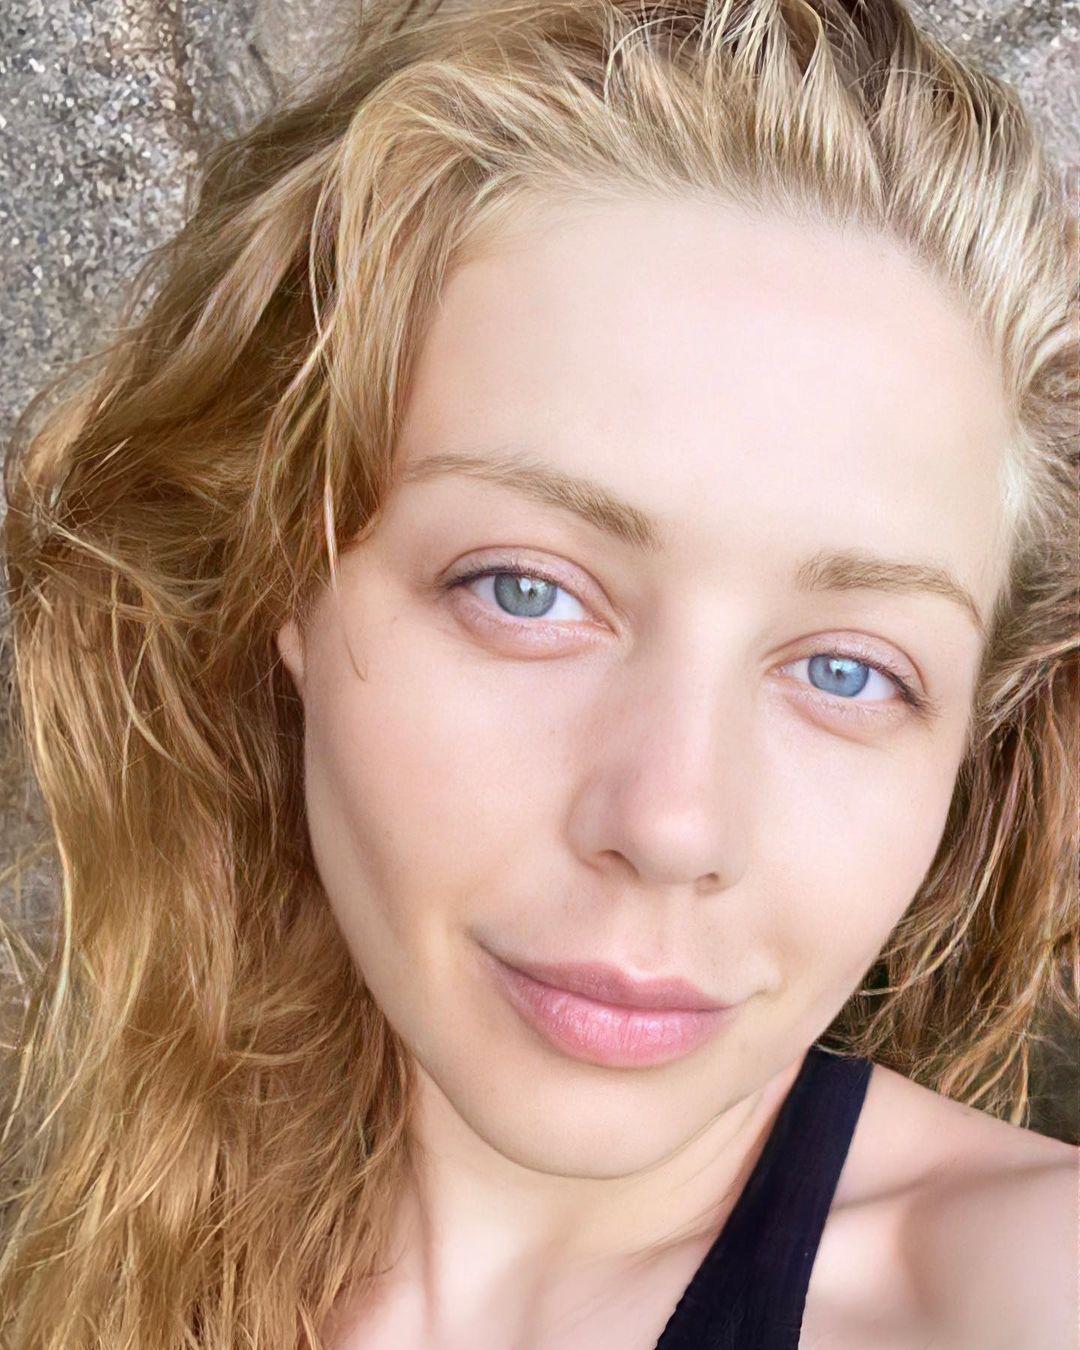 Кароль показала обличчя без макіяжу / instagram.com/tinakarol_fantina